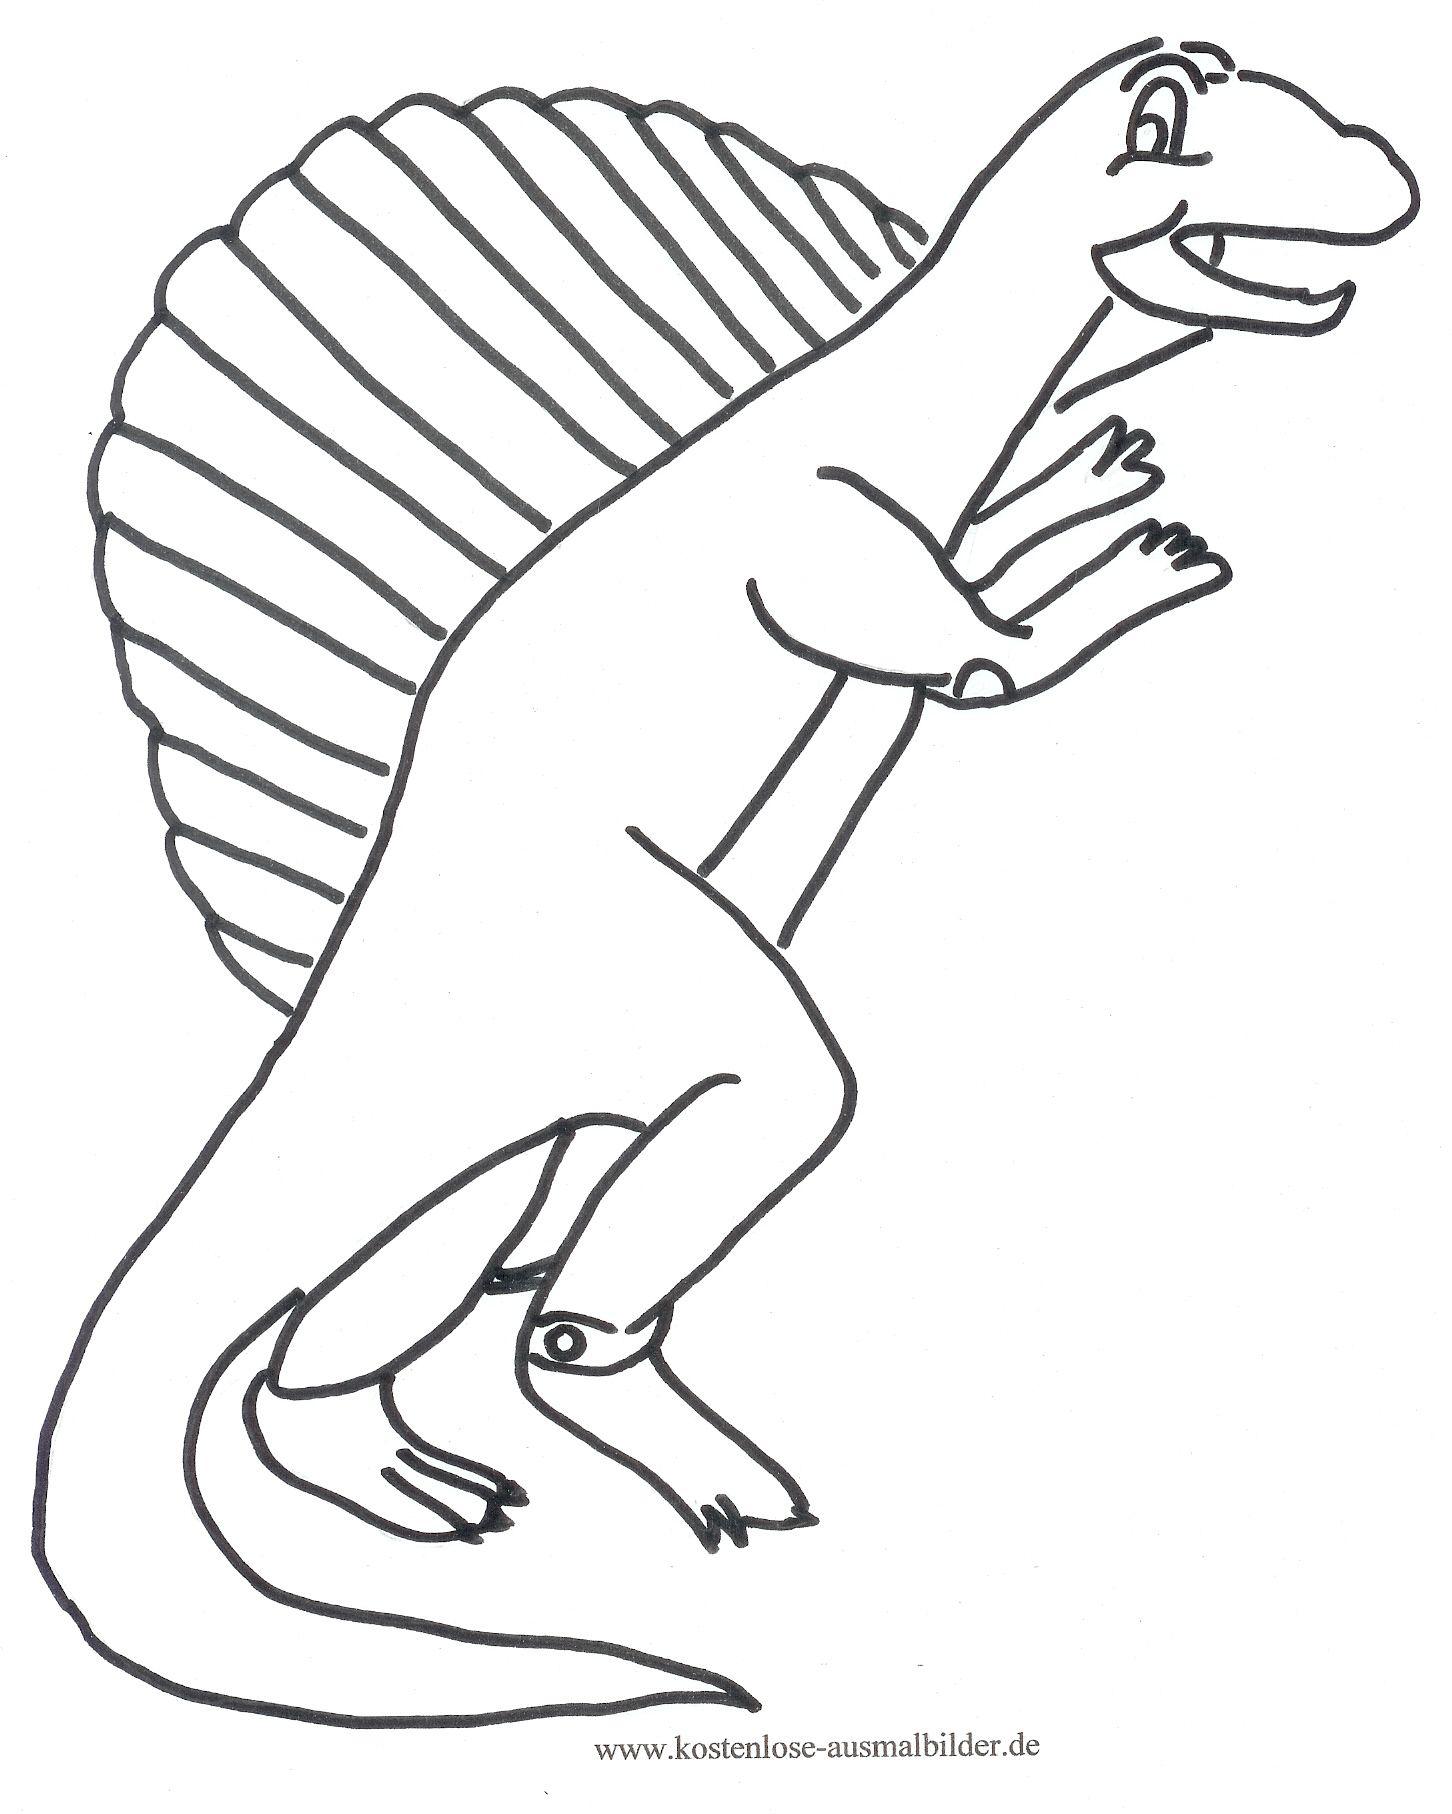 Ausmalbild Dinosaurier Zum Kostenlosen Ausdrucken Und ganzes Ausmalbilder Kostenlos Dinosaurier